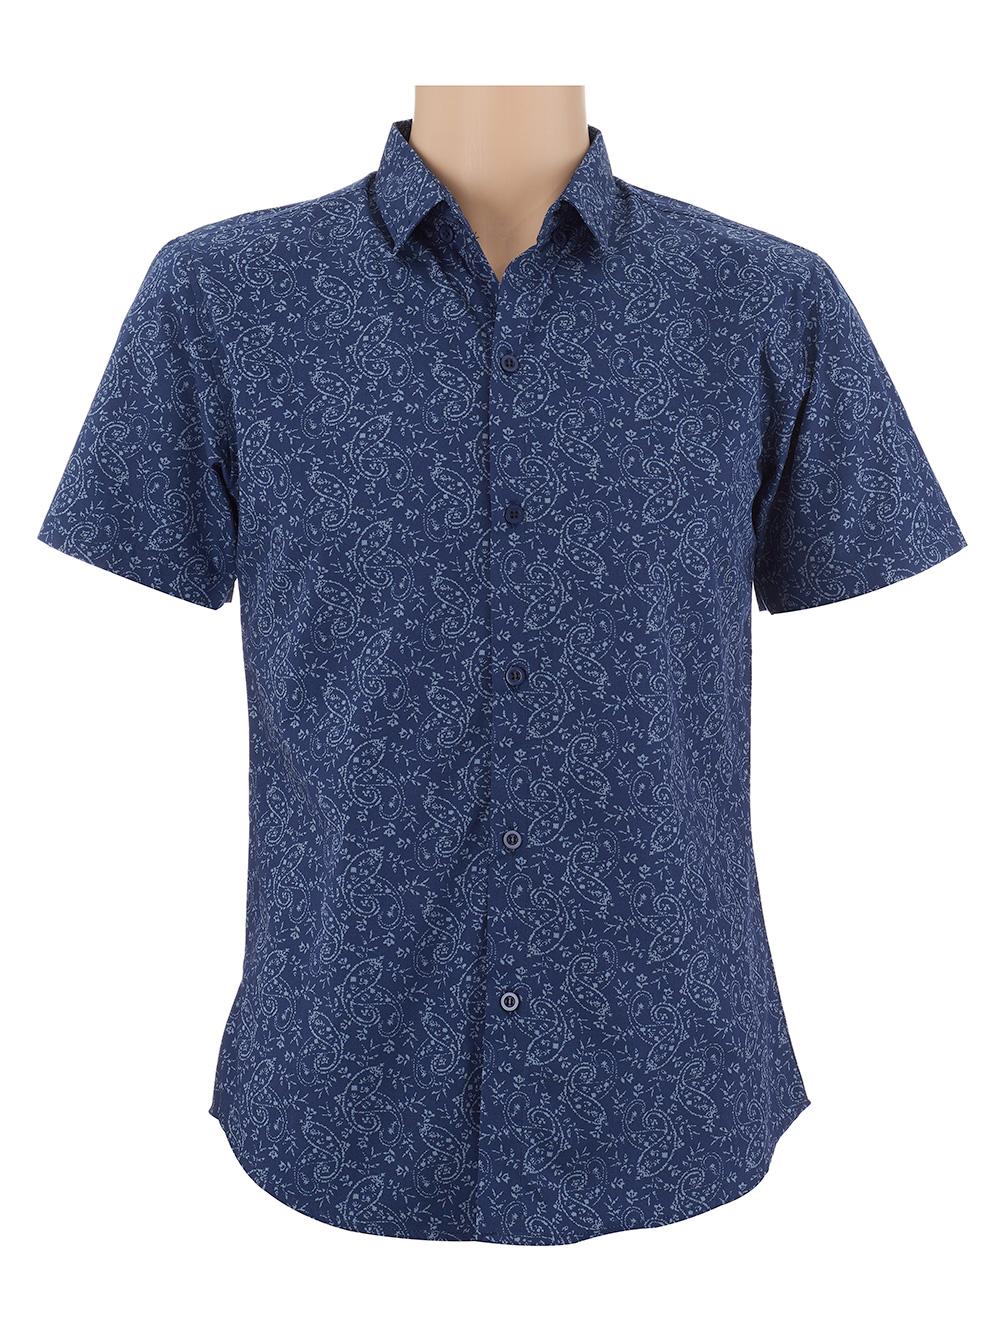 เสื้อเชิ้ตผู้ชายแขนสั้น สีน้ำเงินเข้ม พิมพ์ลาย